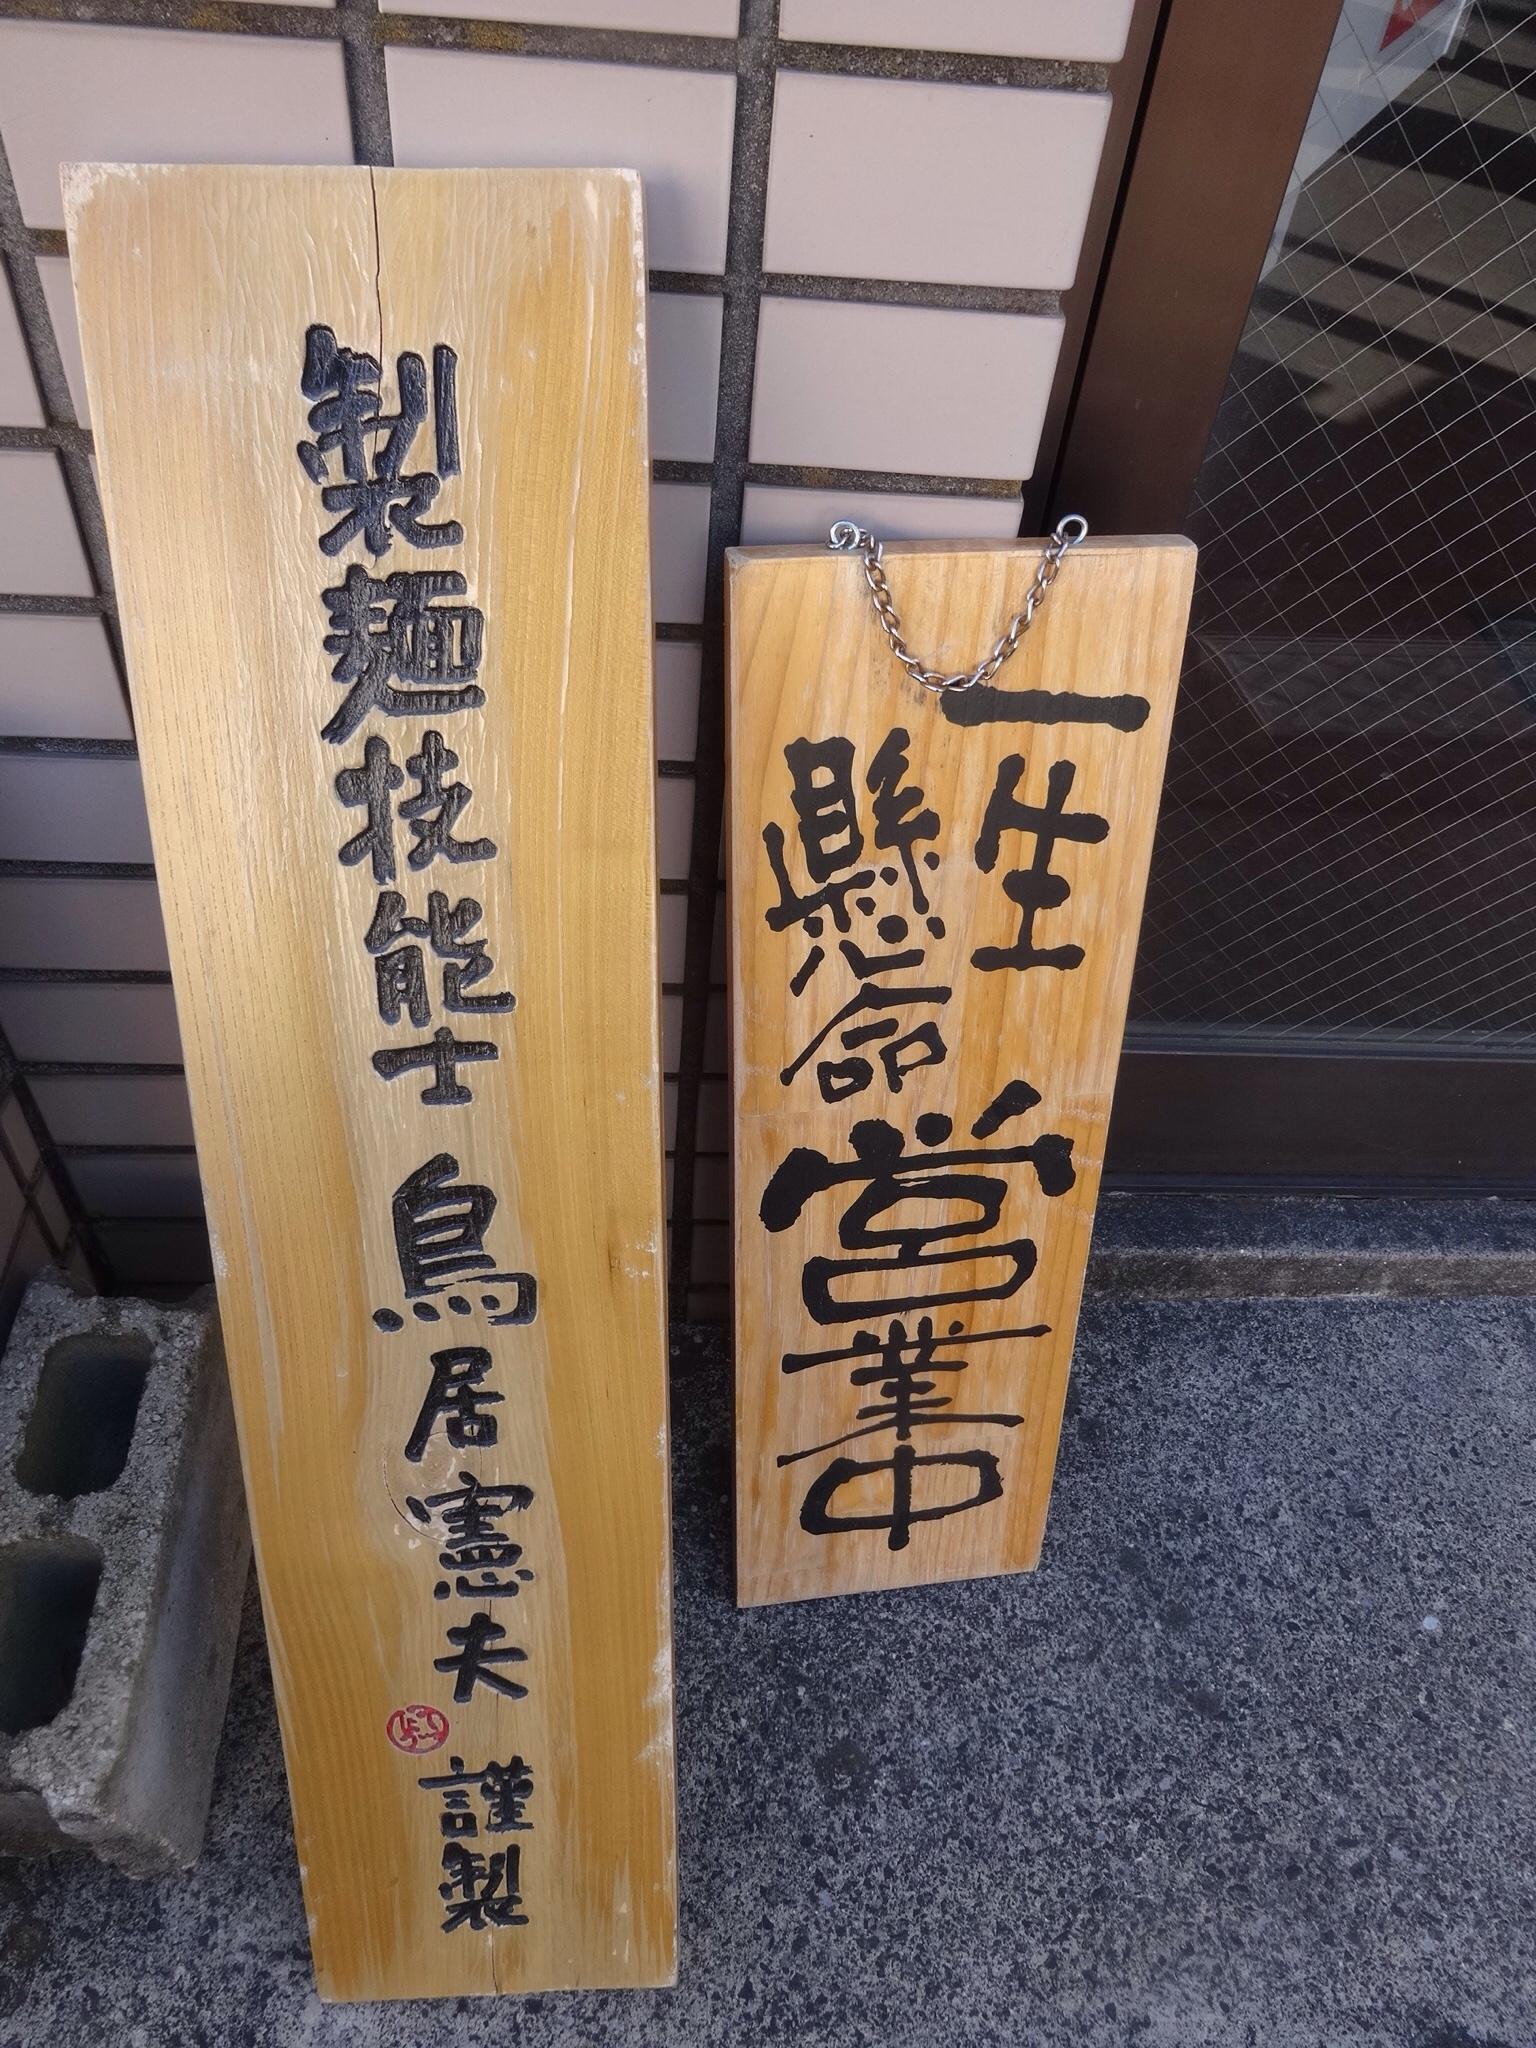 製麺技能士鳥居憲夫謹製 店舗用看板@東京都中野区新井3−6−7麺の停車場楽麦舎